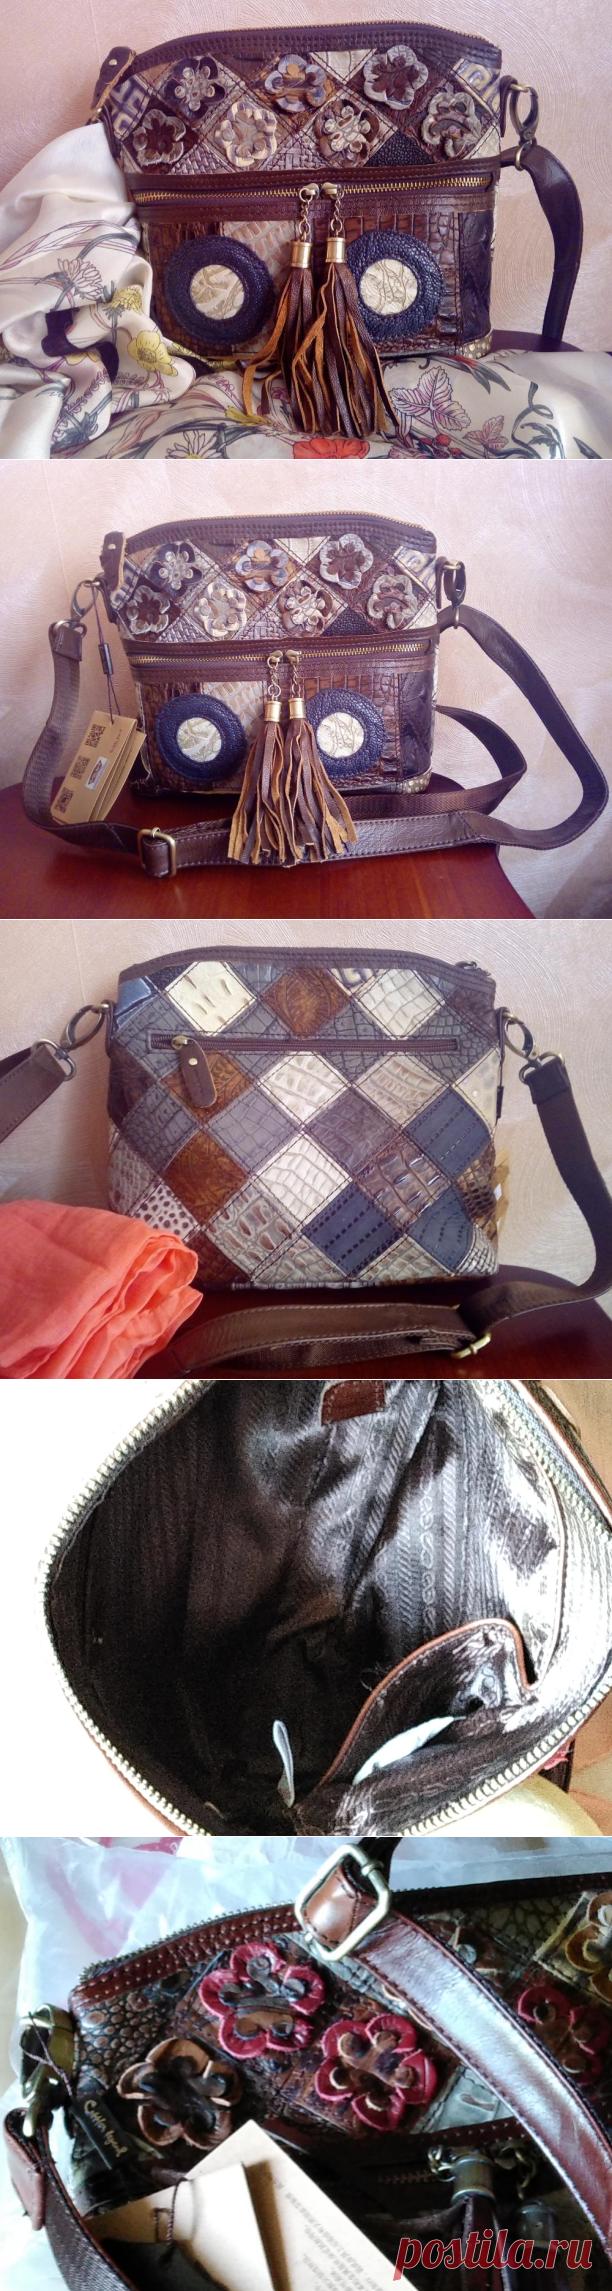 Сказать, что она отличная, ничего не сказать, она великолепна. Пищу от восторга. Сумка сразу понравилась, превзошла все ожидания. Все соответствует описанию. Кожа 100%, запах кожи присутствует. Посылка была хорошо запакована. Внутри сумки находился пакет с воздухом. Цветочки на сумке почти не помялись. Ремешок у сумки длинный, регулируемый под любой рост, немного грубоват, но не критично.. Внутри сумки есть кармашек на молнии и два кармашка без молнии. Снаружи сумки | объёмная вязка |